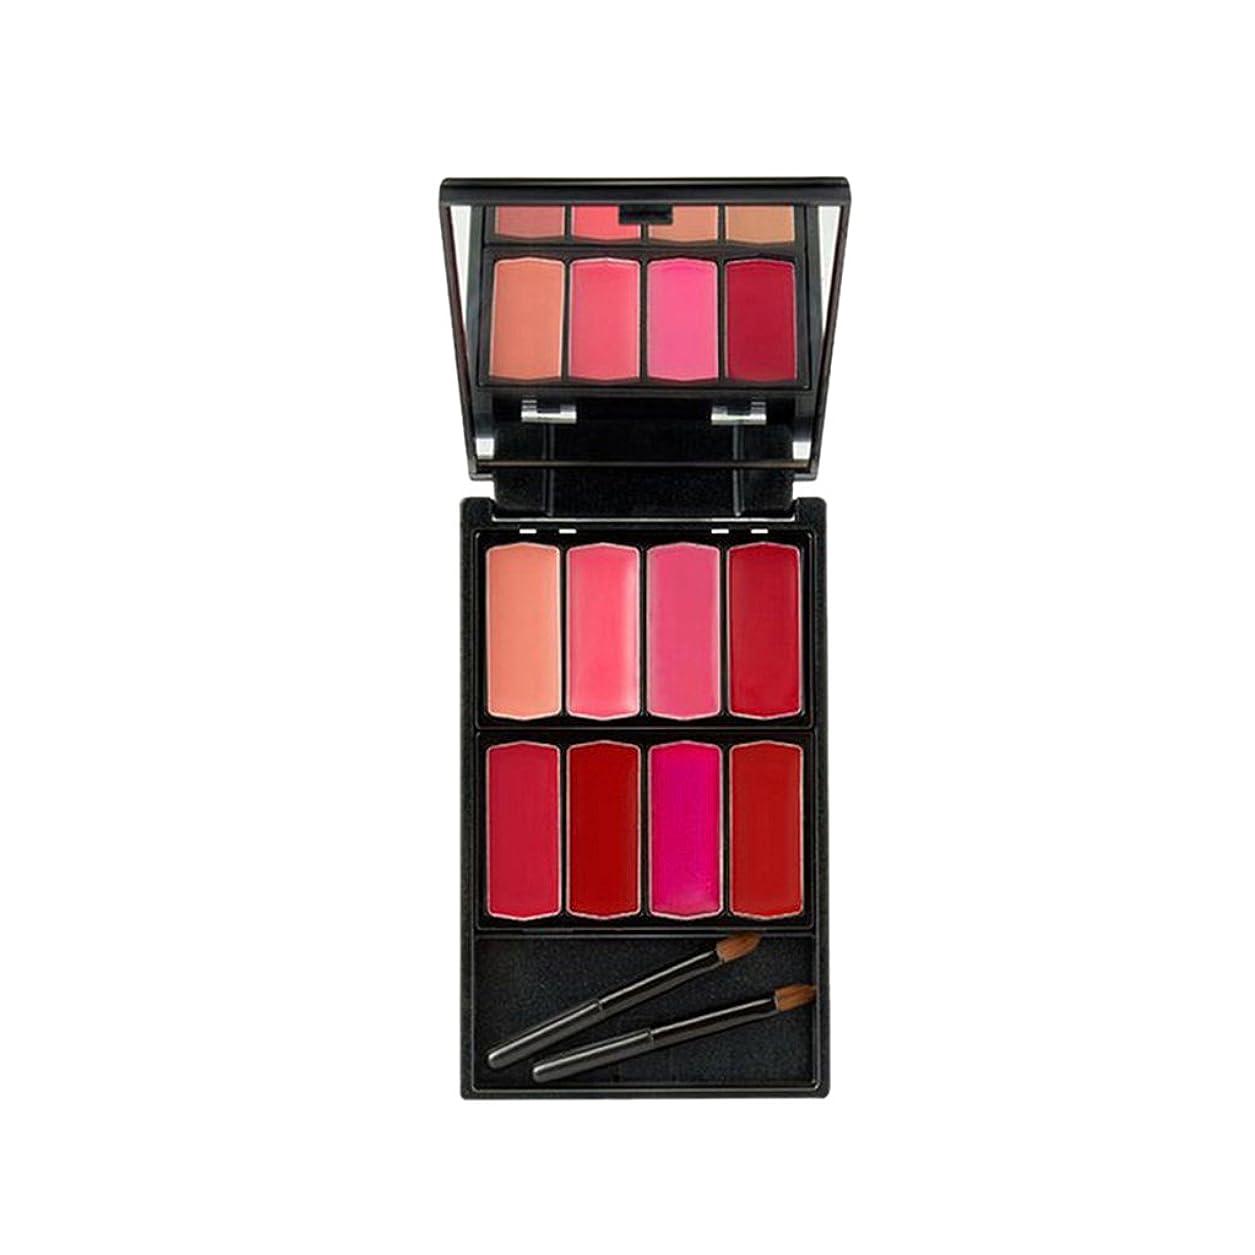 ブラジャーキャンペーンちょうつがいHomyl 8色入 口紅パレット リップグロス メイクアップパレット 唇メイク カラーメイク 化粧鏡 ミラー メイクアップブラシ 便利  - #1